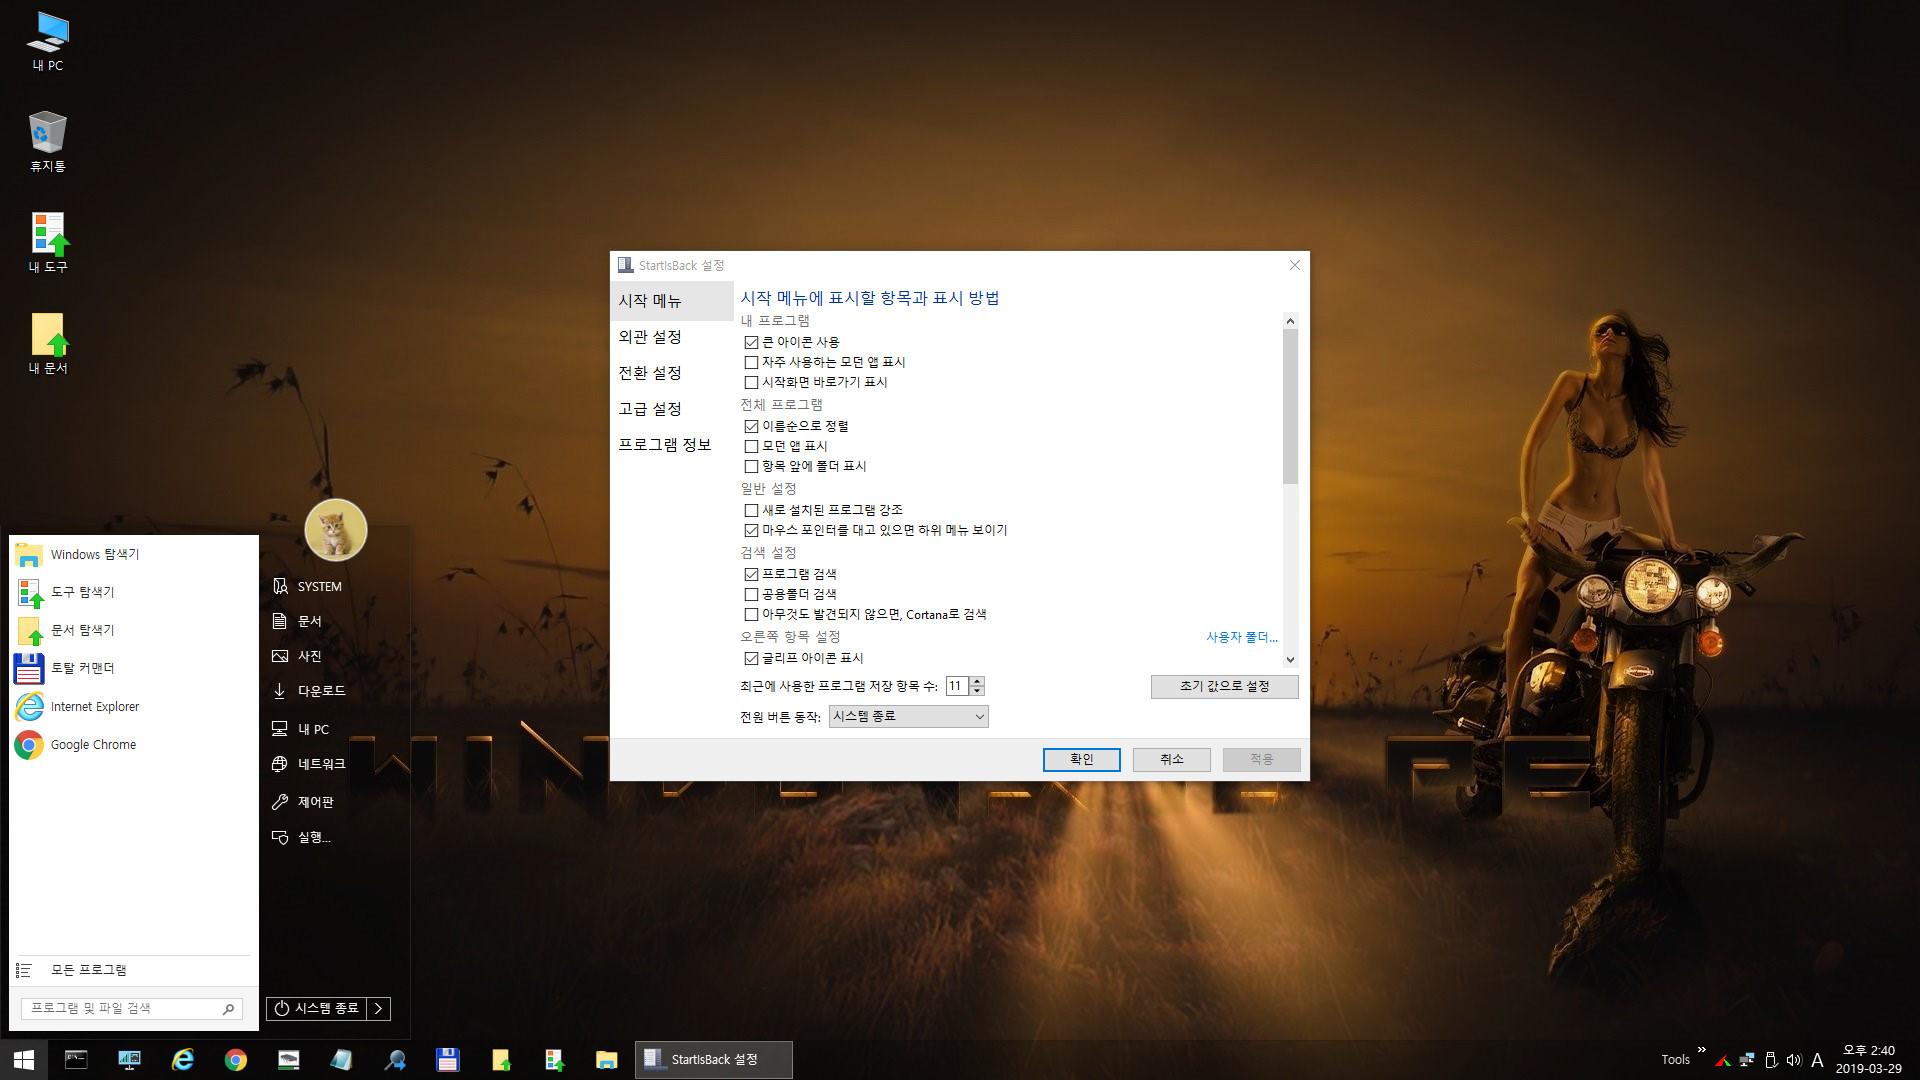 Win10XPE2.5s_0006.jpg